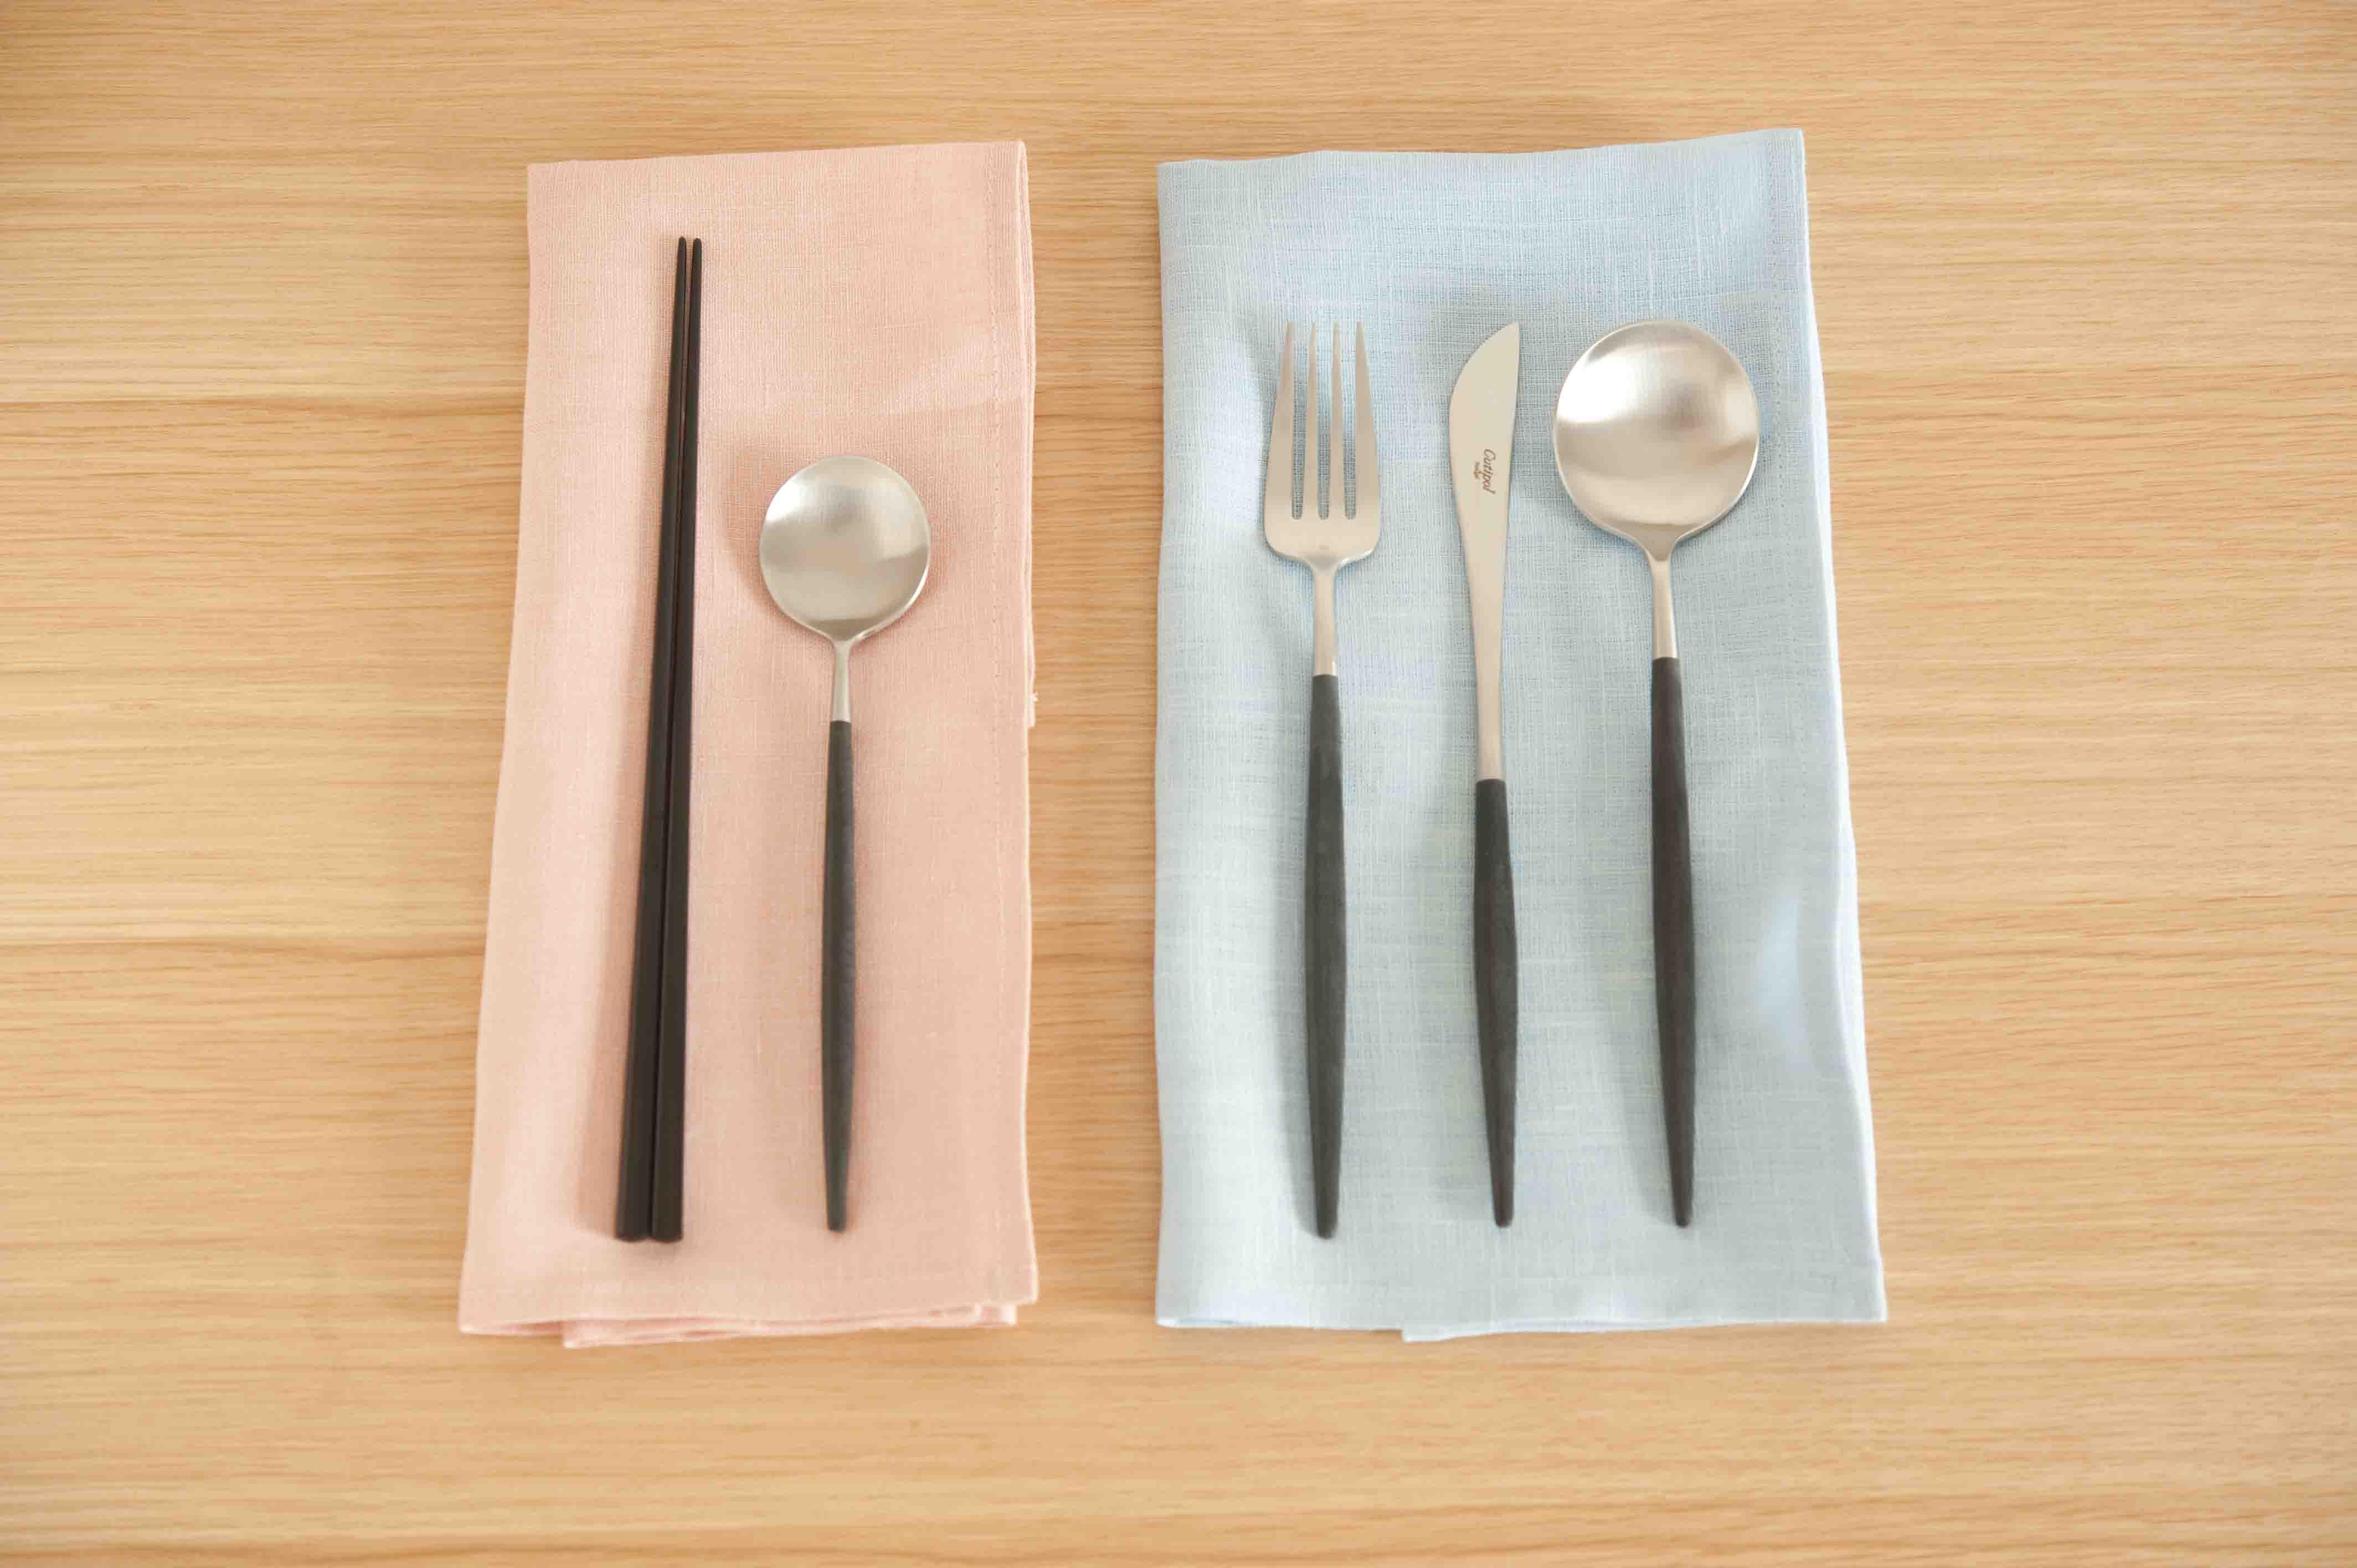 クチポールのカトラリー/ブラック デザートスプーン 暮しの手帖の通販